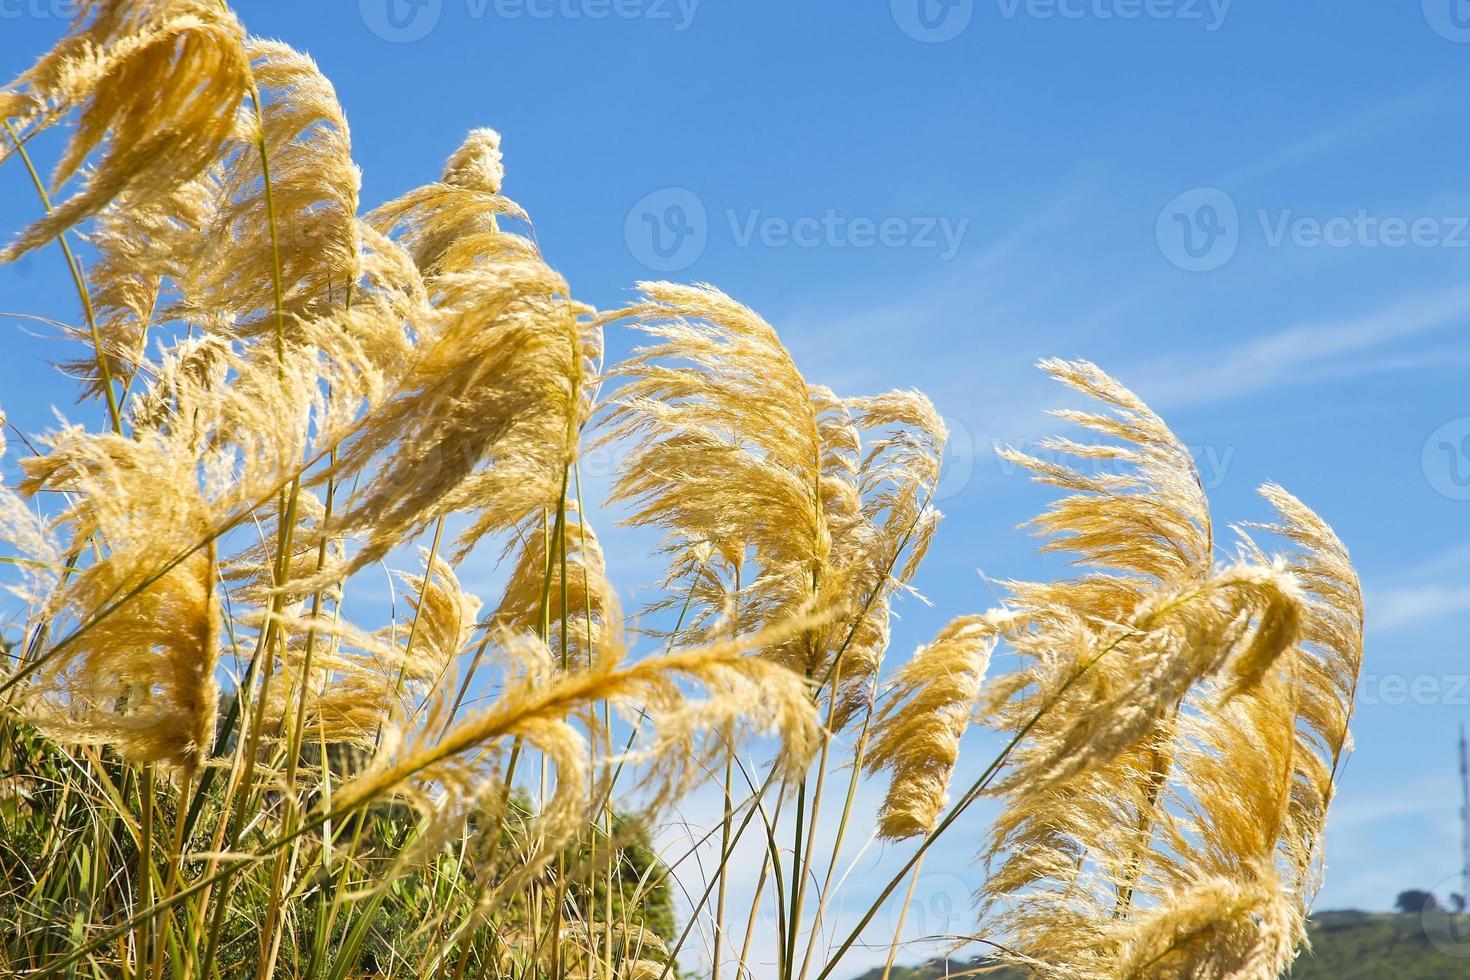 hierba de pampa que sopla en el viento contra un cielo azul foto